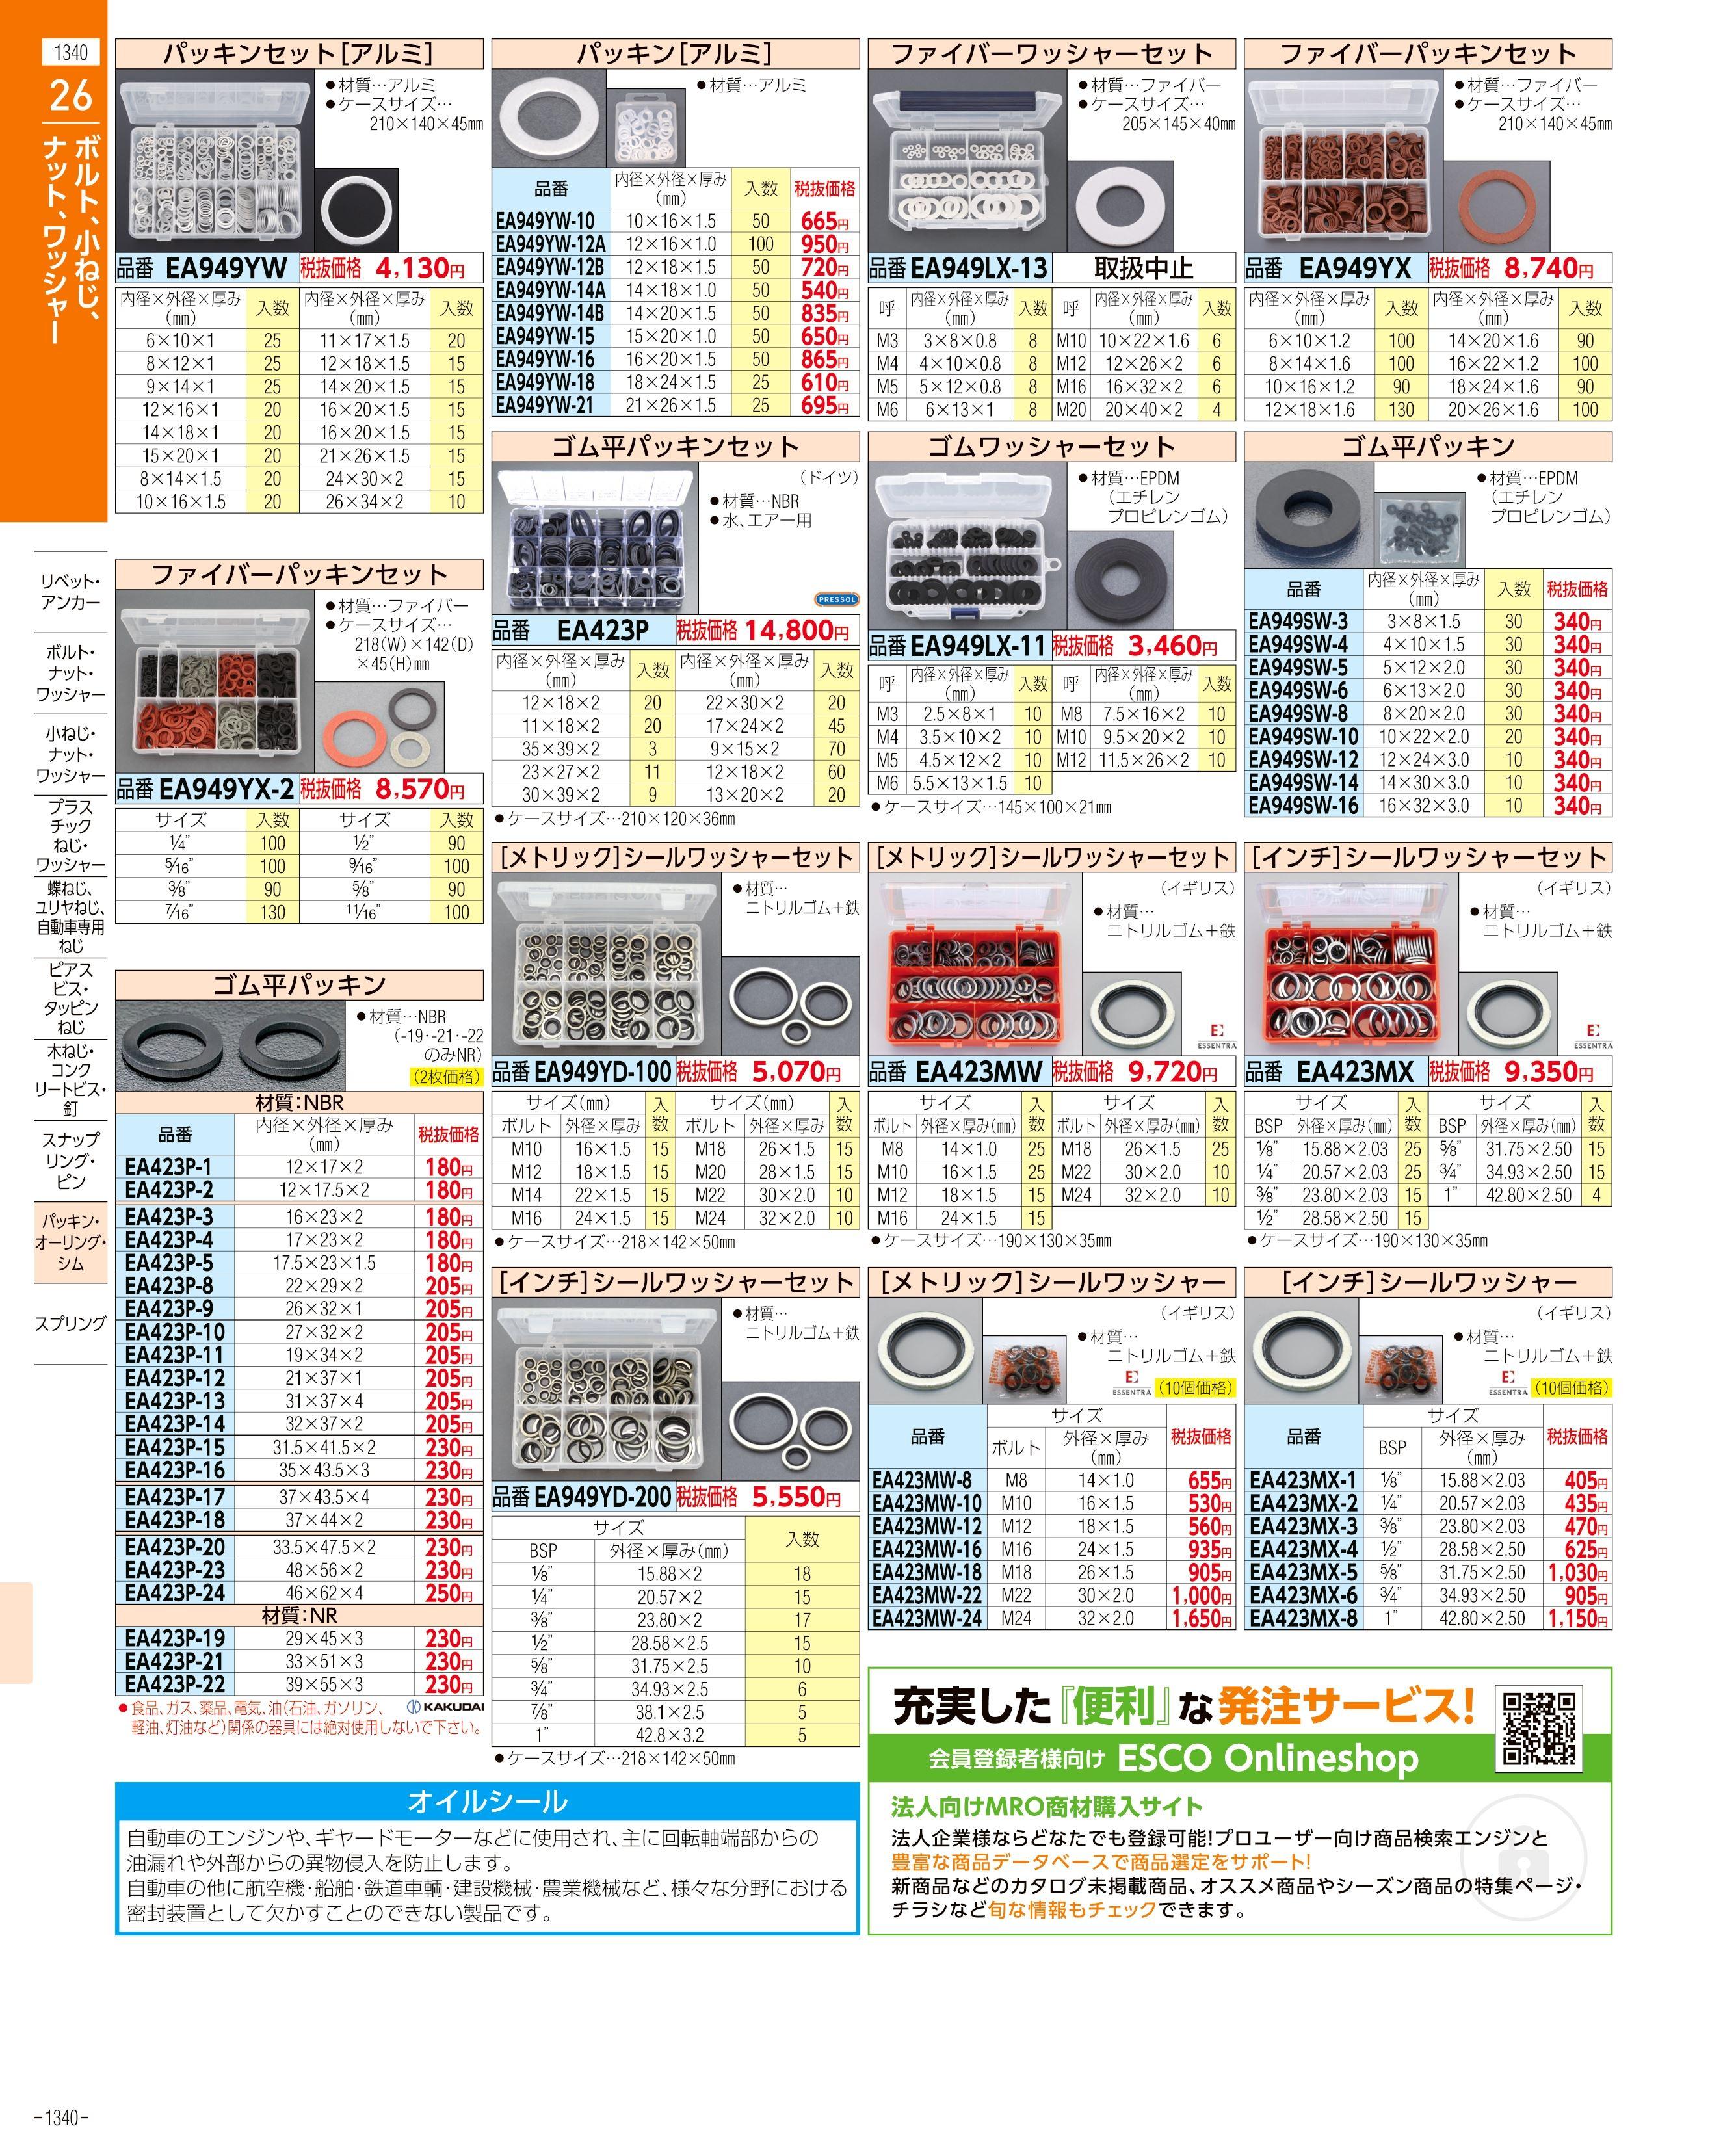 エスコ便利カタログ1340ページ